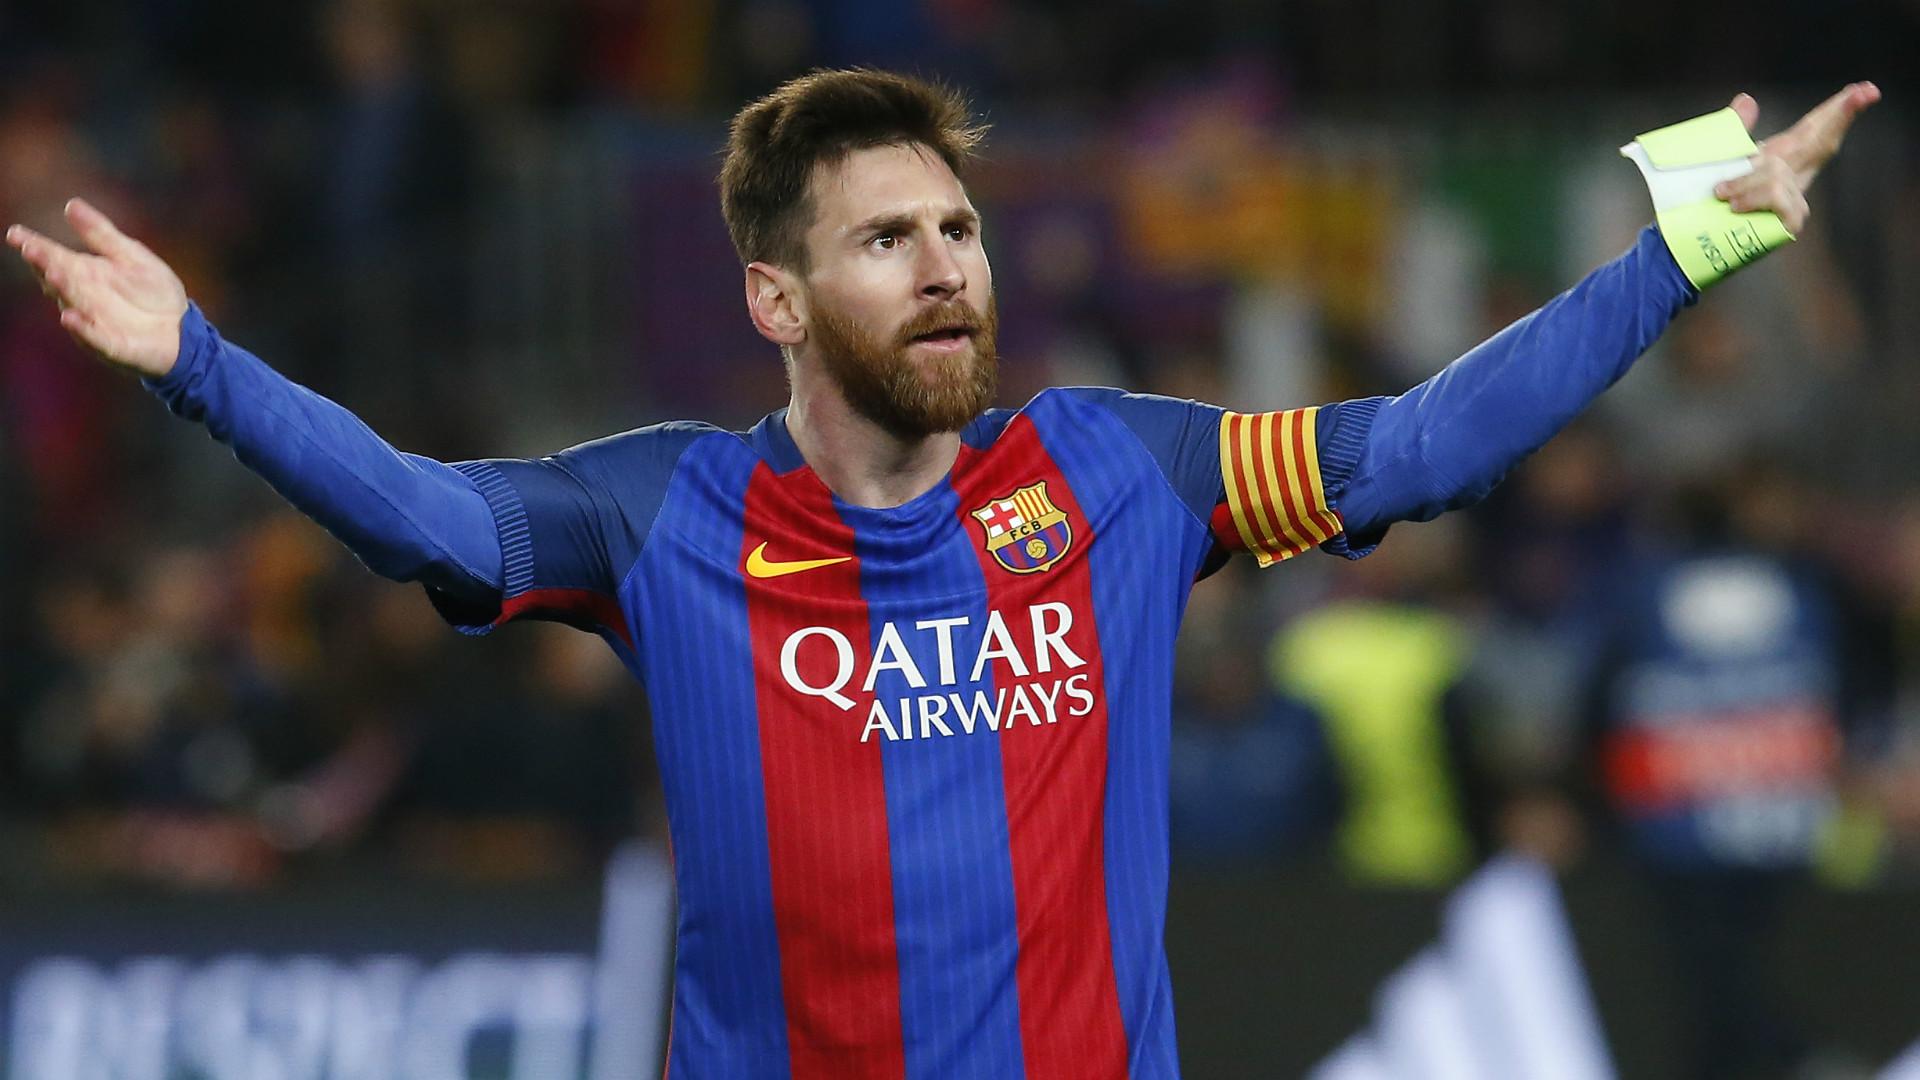 Il City sarebbe pronto a offrire 500 milioni per portare Messi in INghilterra. Il padre ha confermato oggi che difficilmente il figlio resterà a Barcellona, senza sapere i motivi che hanno portato il figlio Leo a una decisione così brusca e irremovibile. Ma dalla Spagna sono sicuri che il City, dopo i problemi con il fair play finanziario, non si esporrà finanziariamente per avere Messi. In Inghilterra invece sono sicuri che Messi sta per guadagnare 700milioni in cinque anni. Tre anni li giocherebbe al Manchester Cty, poi si sarebbe già promesso per du anni Al NYC dove chiuderebbe la carriera, negli Usa.